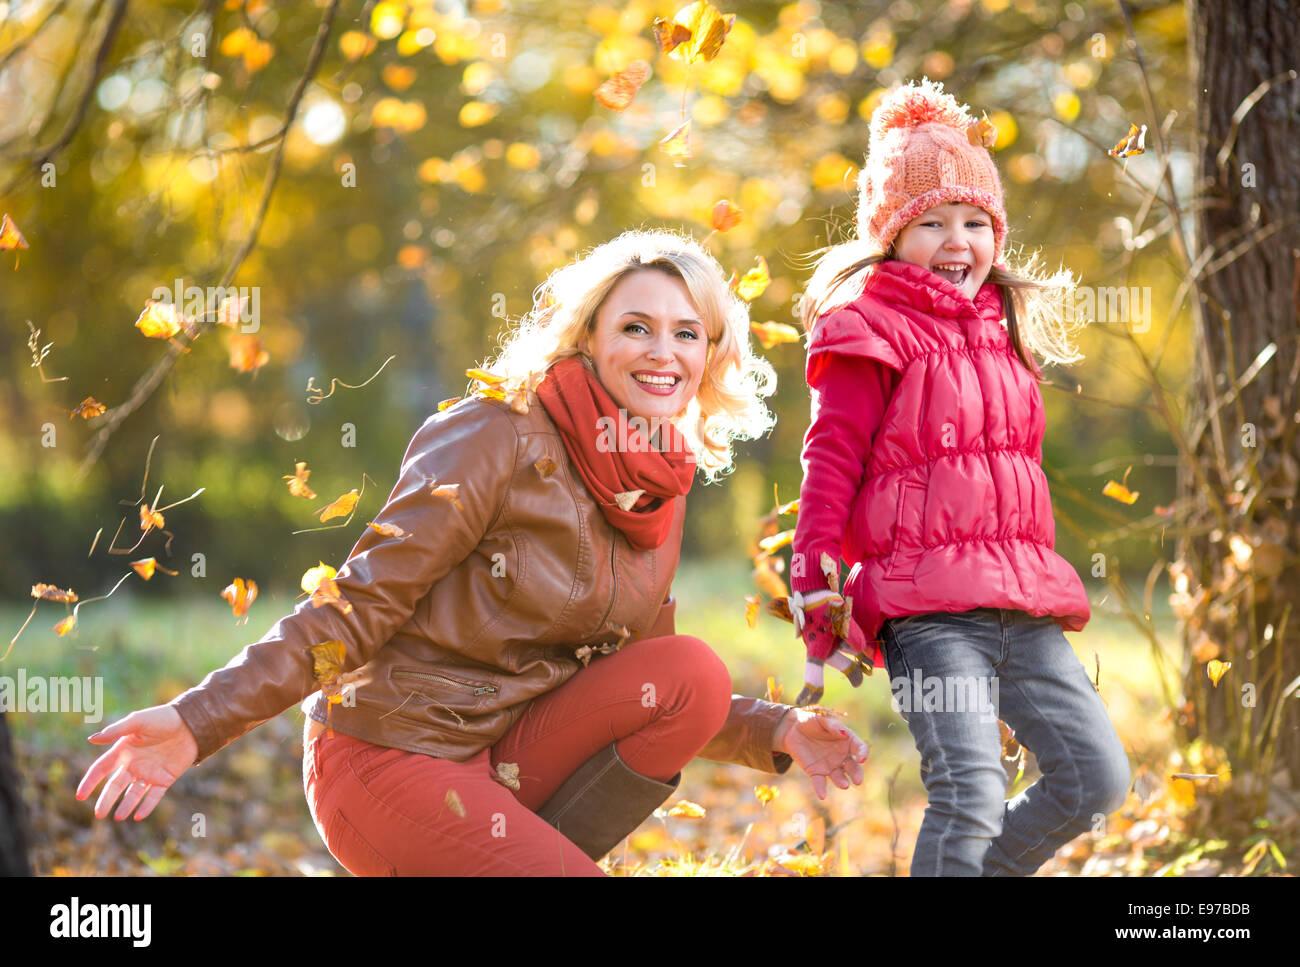 Felice genitore e bambino outdoor giocare con l'autunno foglie gialle Immagini Stock